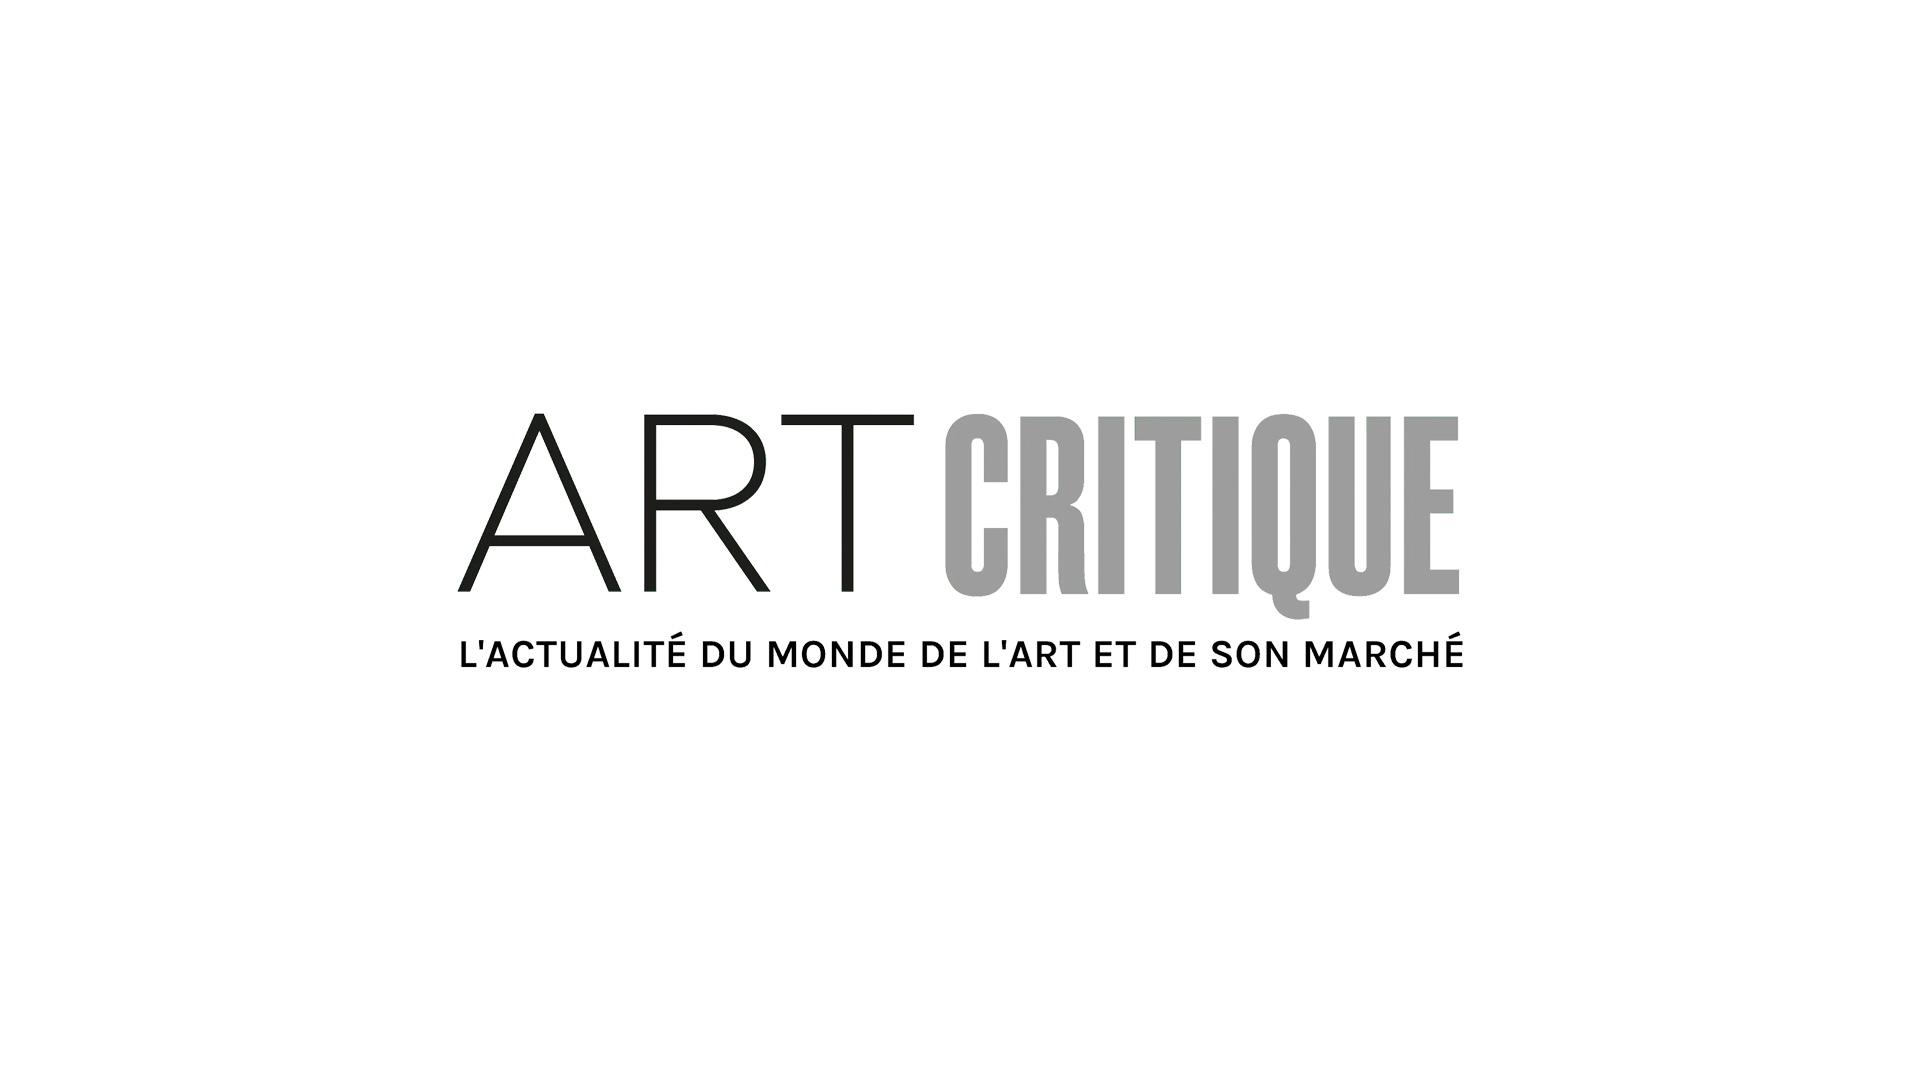 Des manuscrits de l'extrême à la BNF